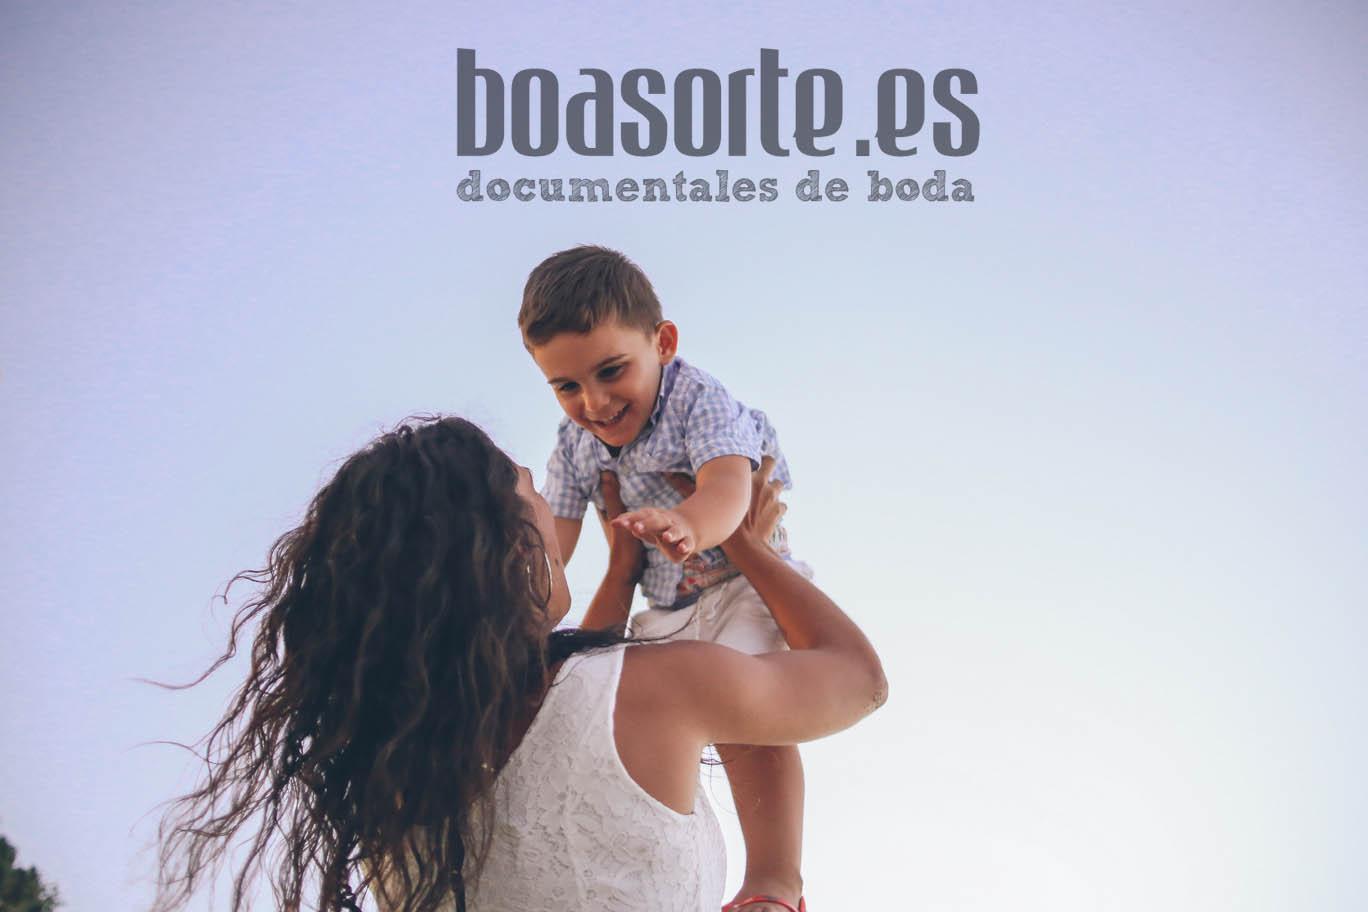 fotografia_preboda_en_familia_boasorte1